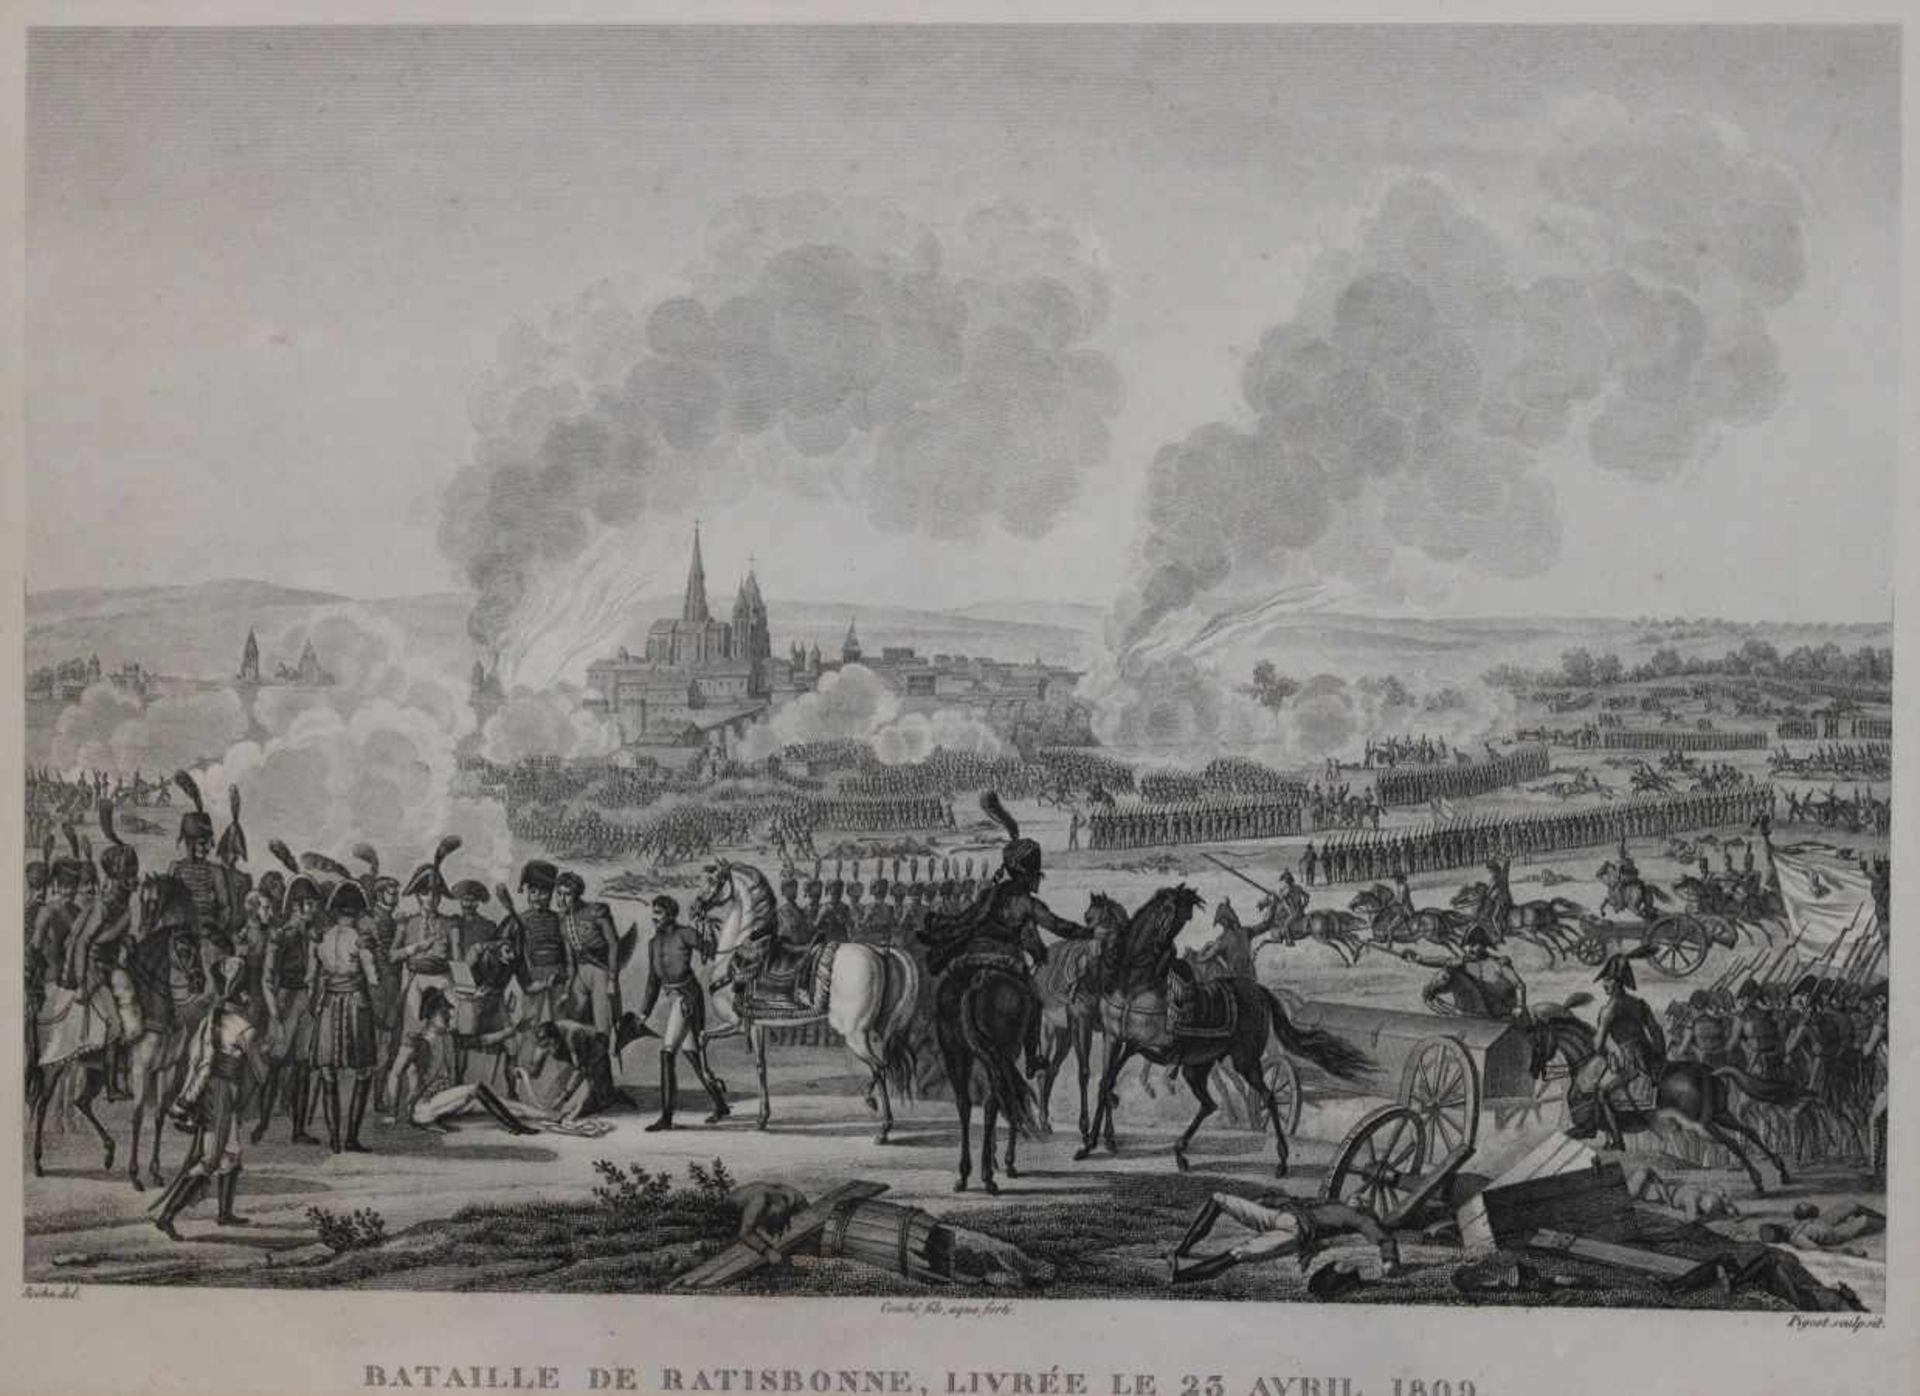 """Los 40 - Kupferstich - Francois Pigeot (Paris 1775 - nach 1820) """"Bataille de Ratisbonne, Livrée Le 23 Avril"""